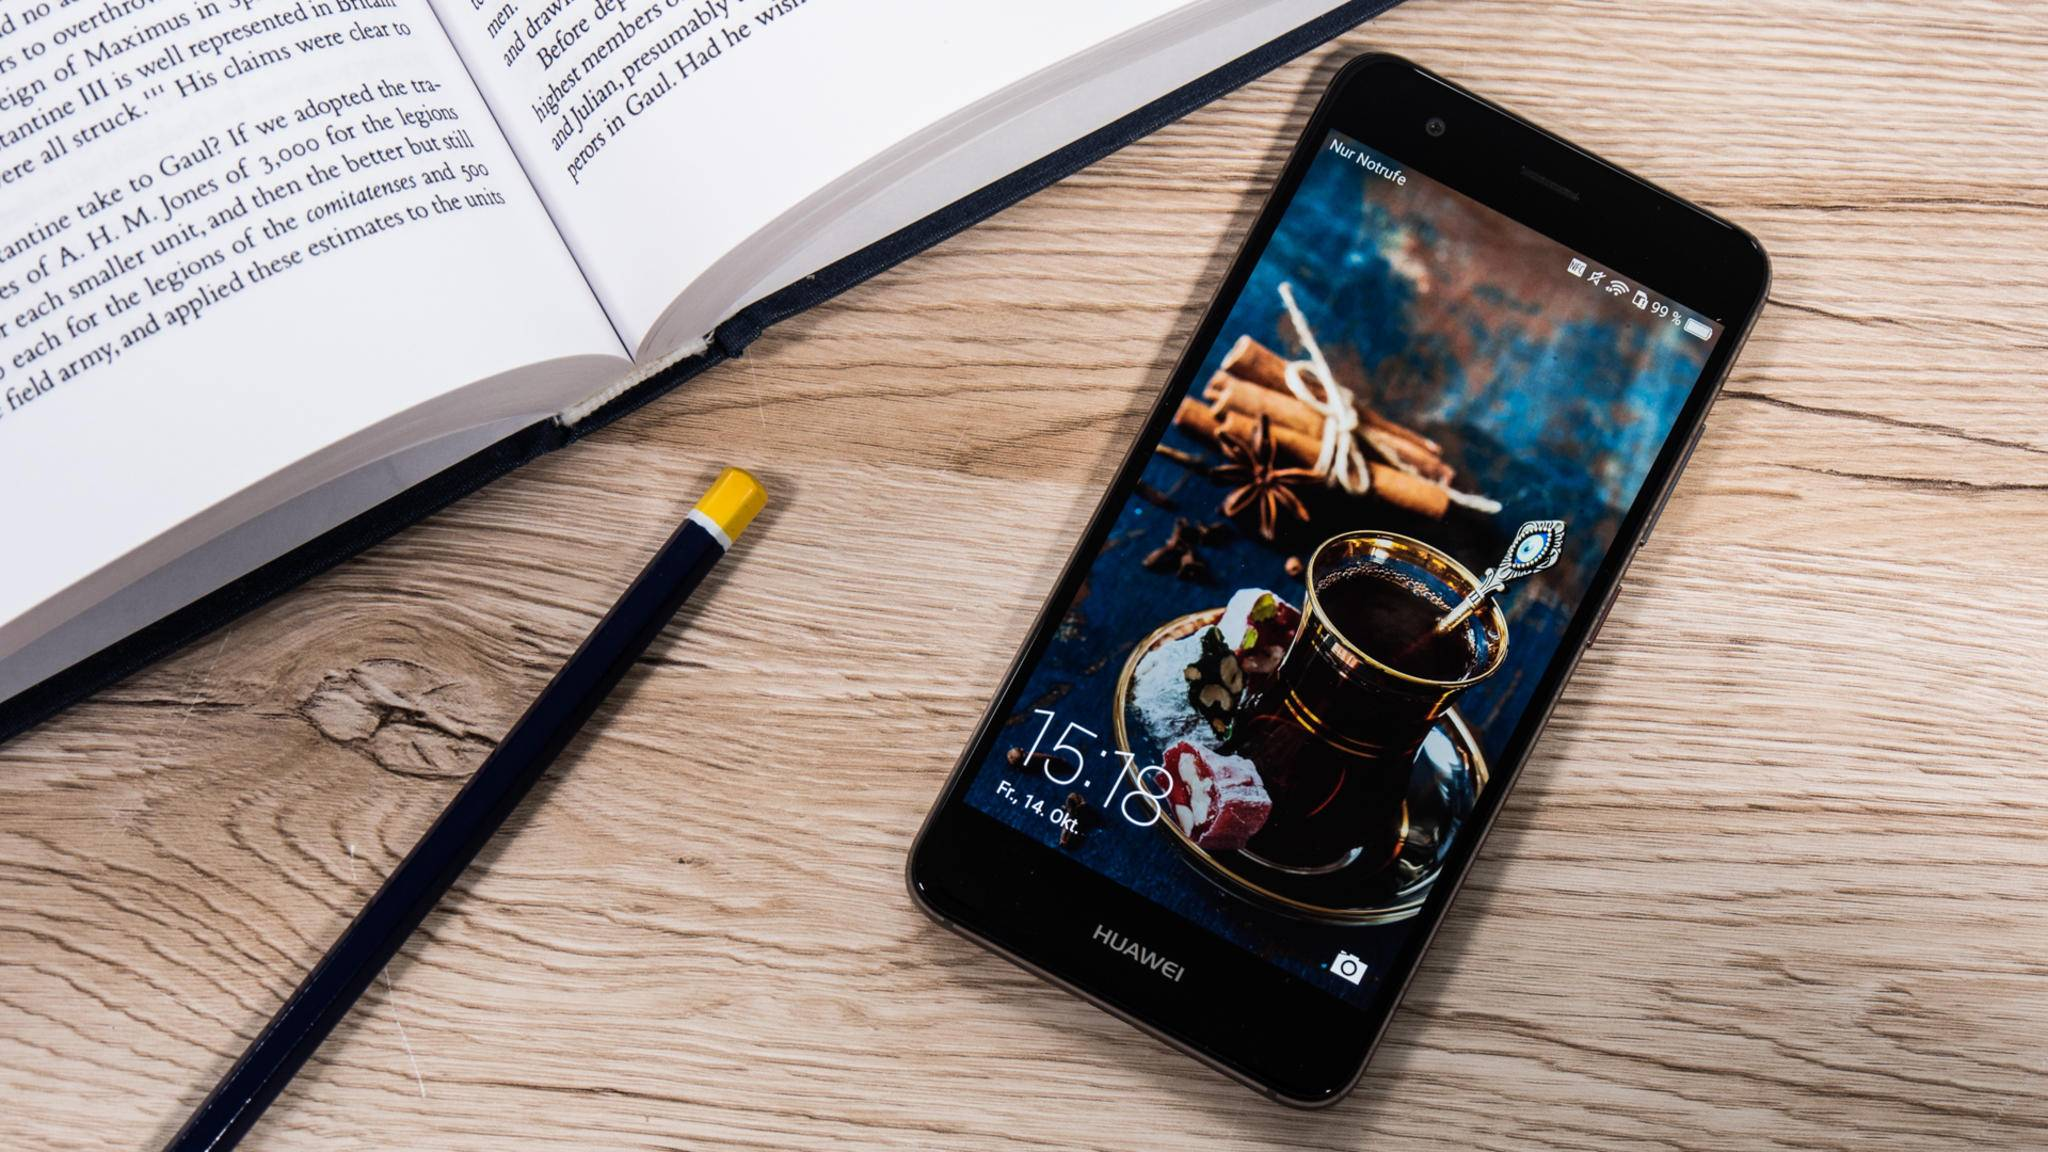 Das Huawei Nova ist ein Mittelklasse-Smartphone mit stilvollem Metall-Design.